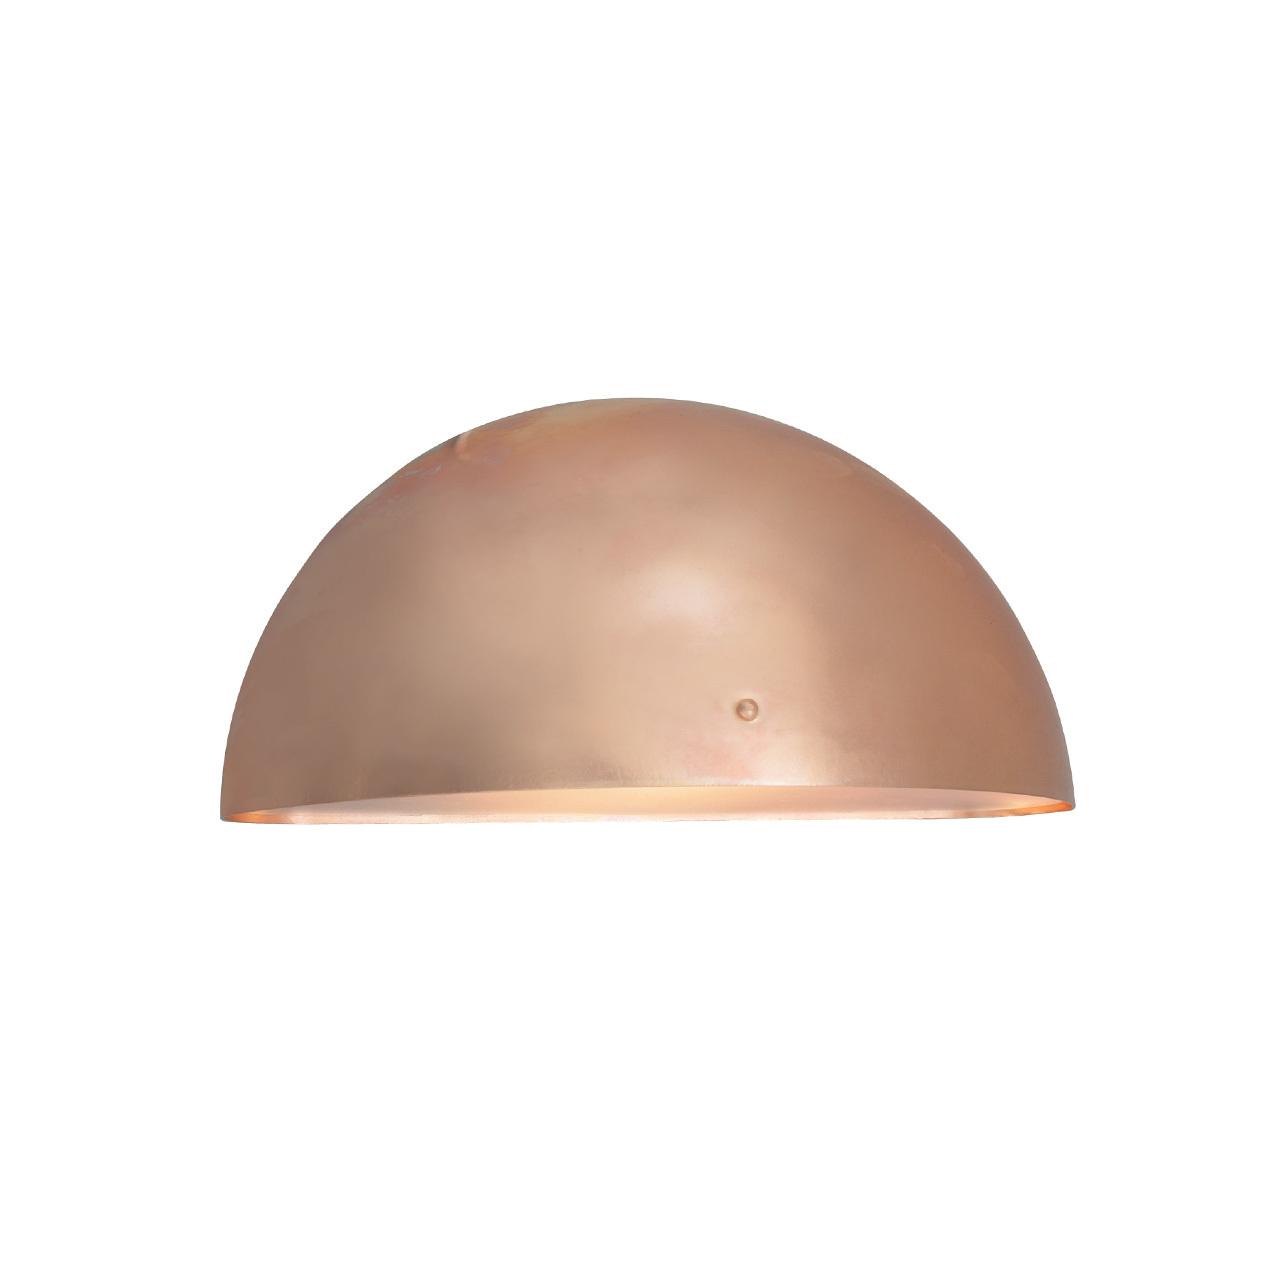 Lampa ścienna PARIS 160CO -Norlys  SPRAWDŹ RABATY  5-10-15-20 % w koszyku